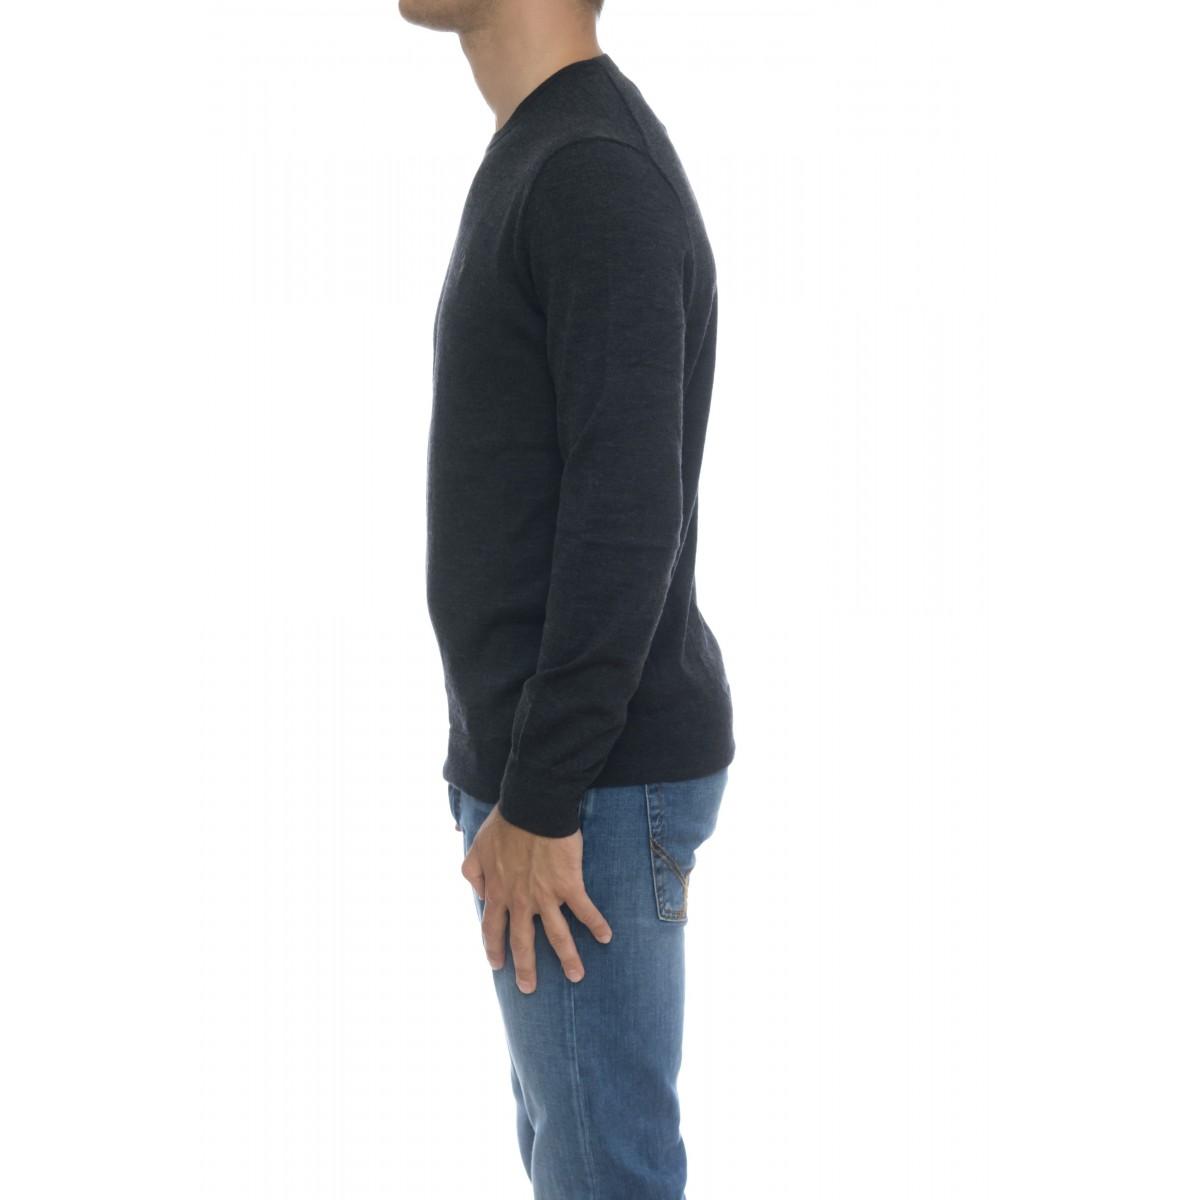 Maglia uomo - 714346 maglia giro merinos